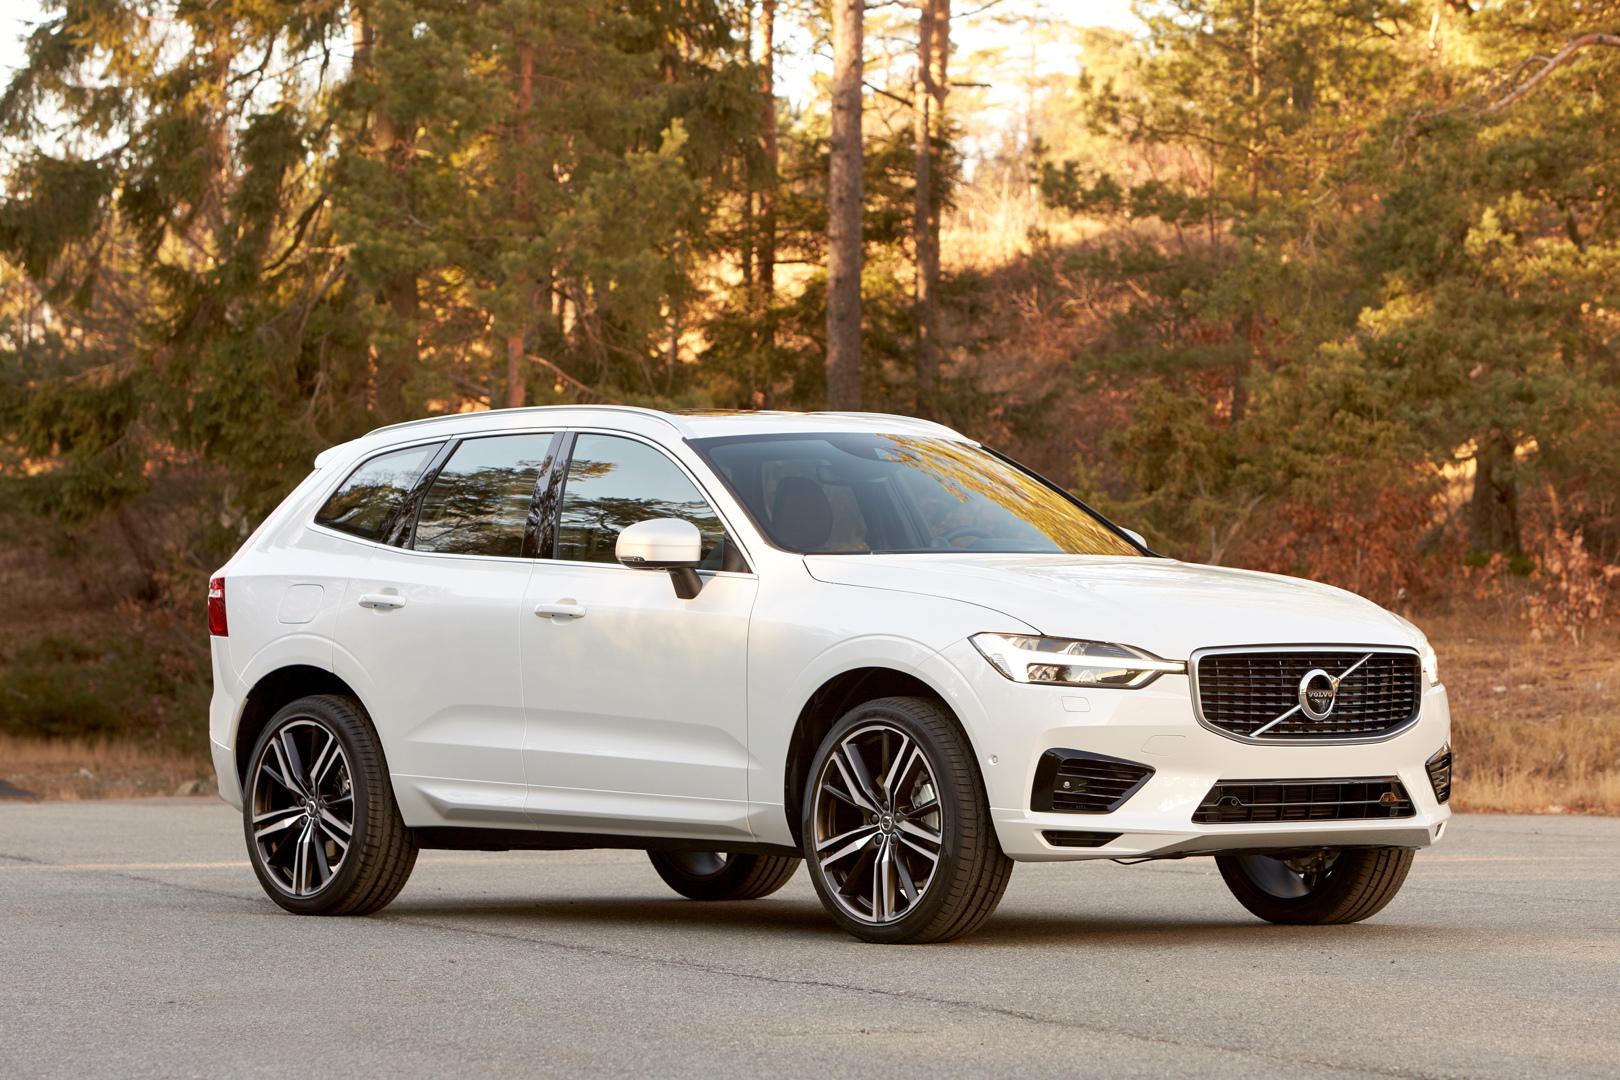 205027_The_new_Volvo_XC60